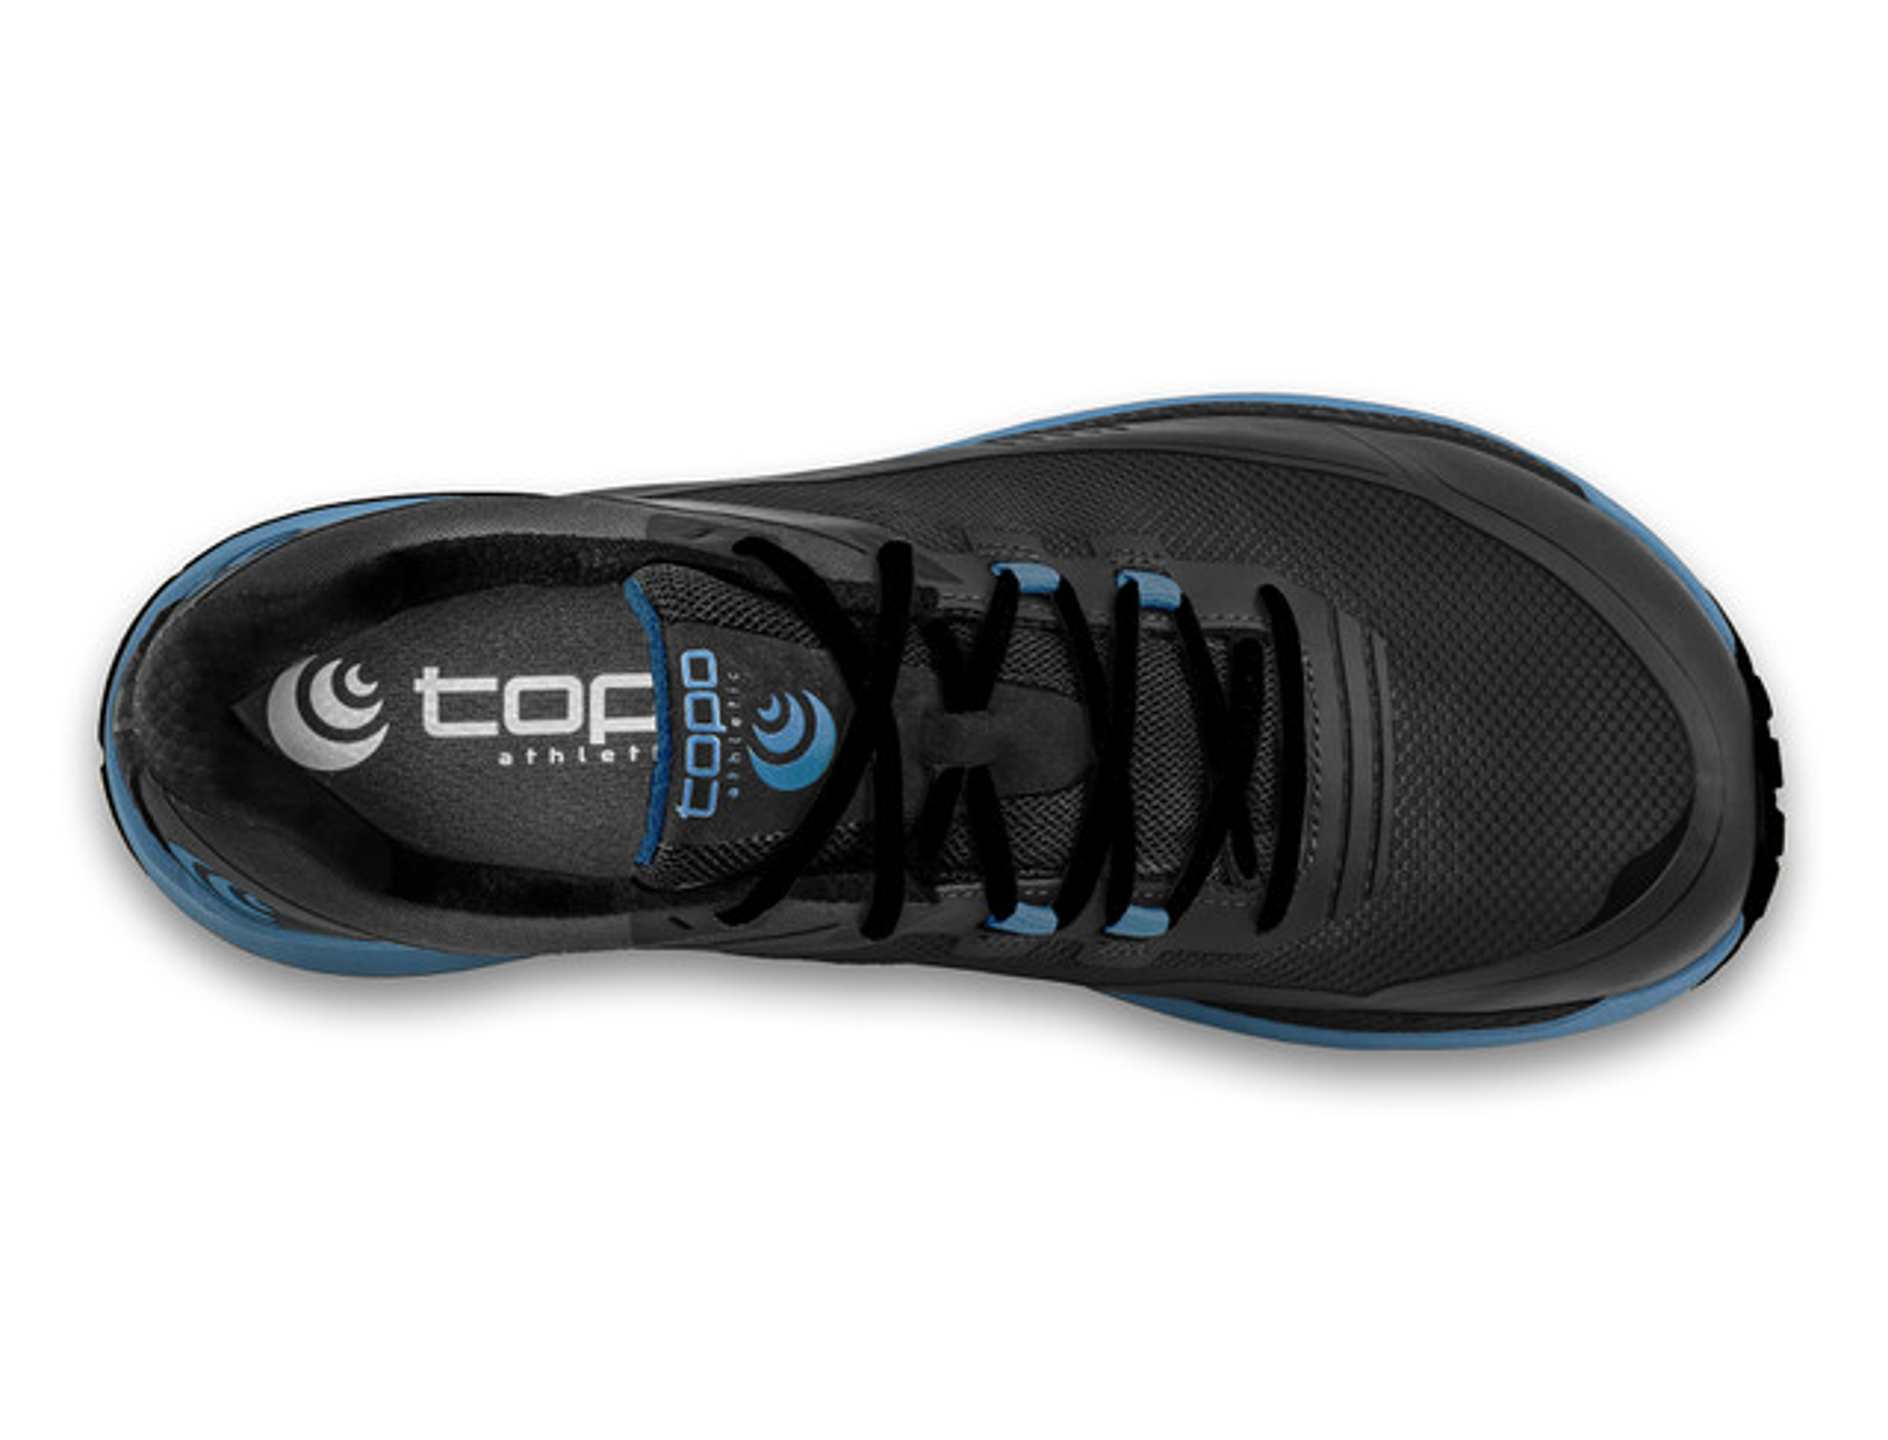 Runventure 3 Men S Minimalist Trail Running Shoes